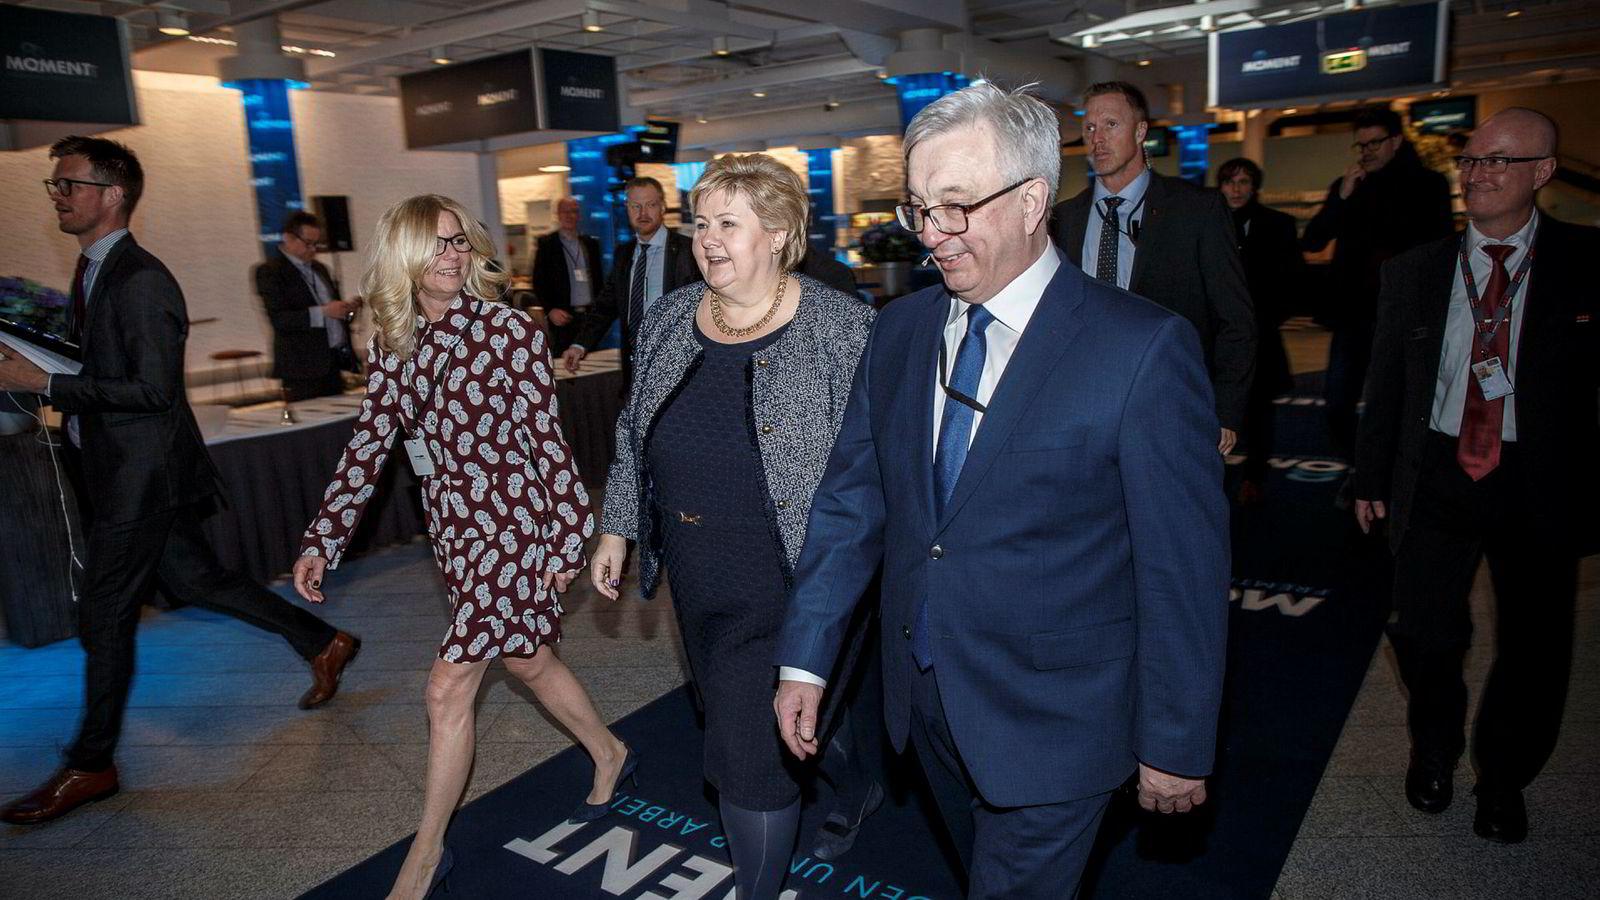 Administrerende direktør i bransjeorganisasjonen Norsk olje og gass Karl Eirik Schjøtt-Pedersen fikk forrige uke besøk av statsminister Erna Solberg under sin årskonferanse. Til venstre styreleder Kristin Færøvik.